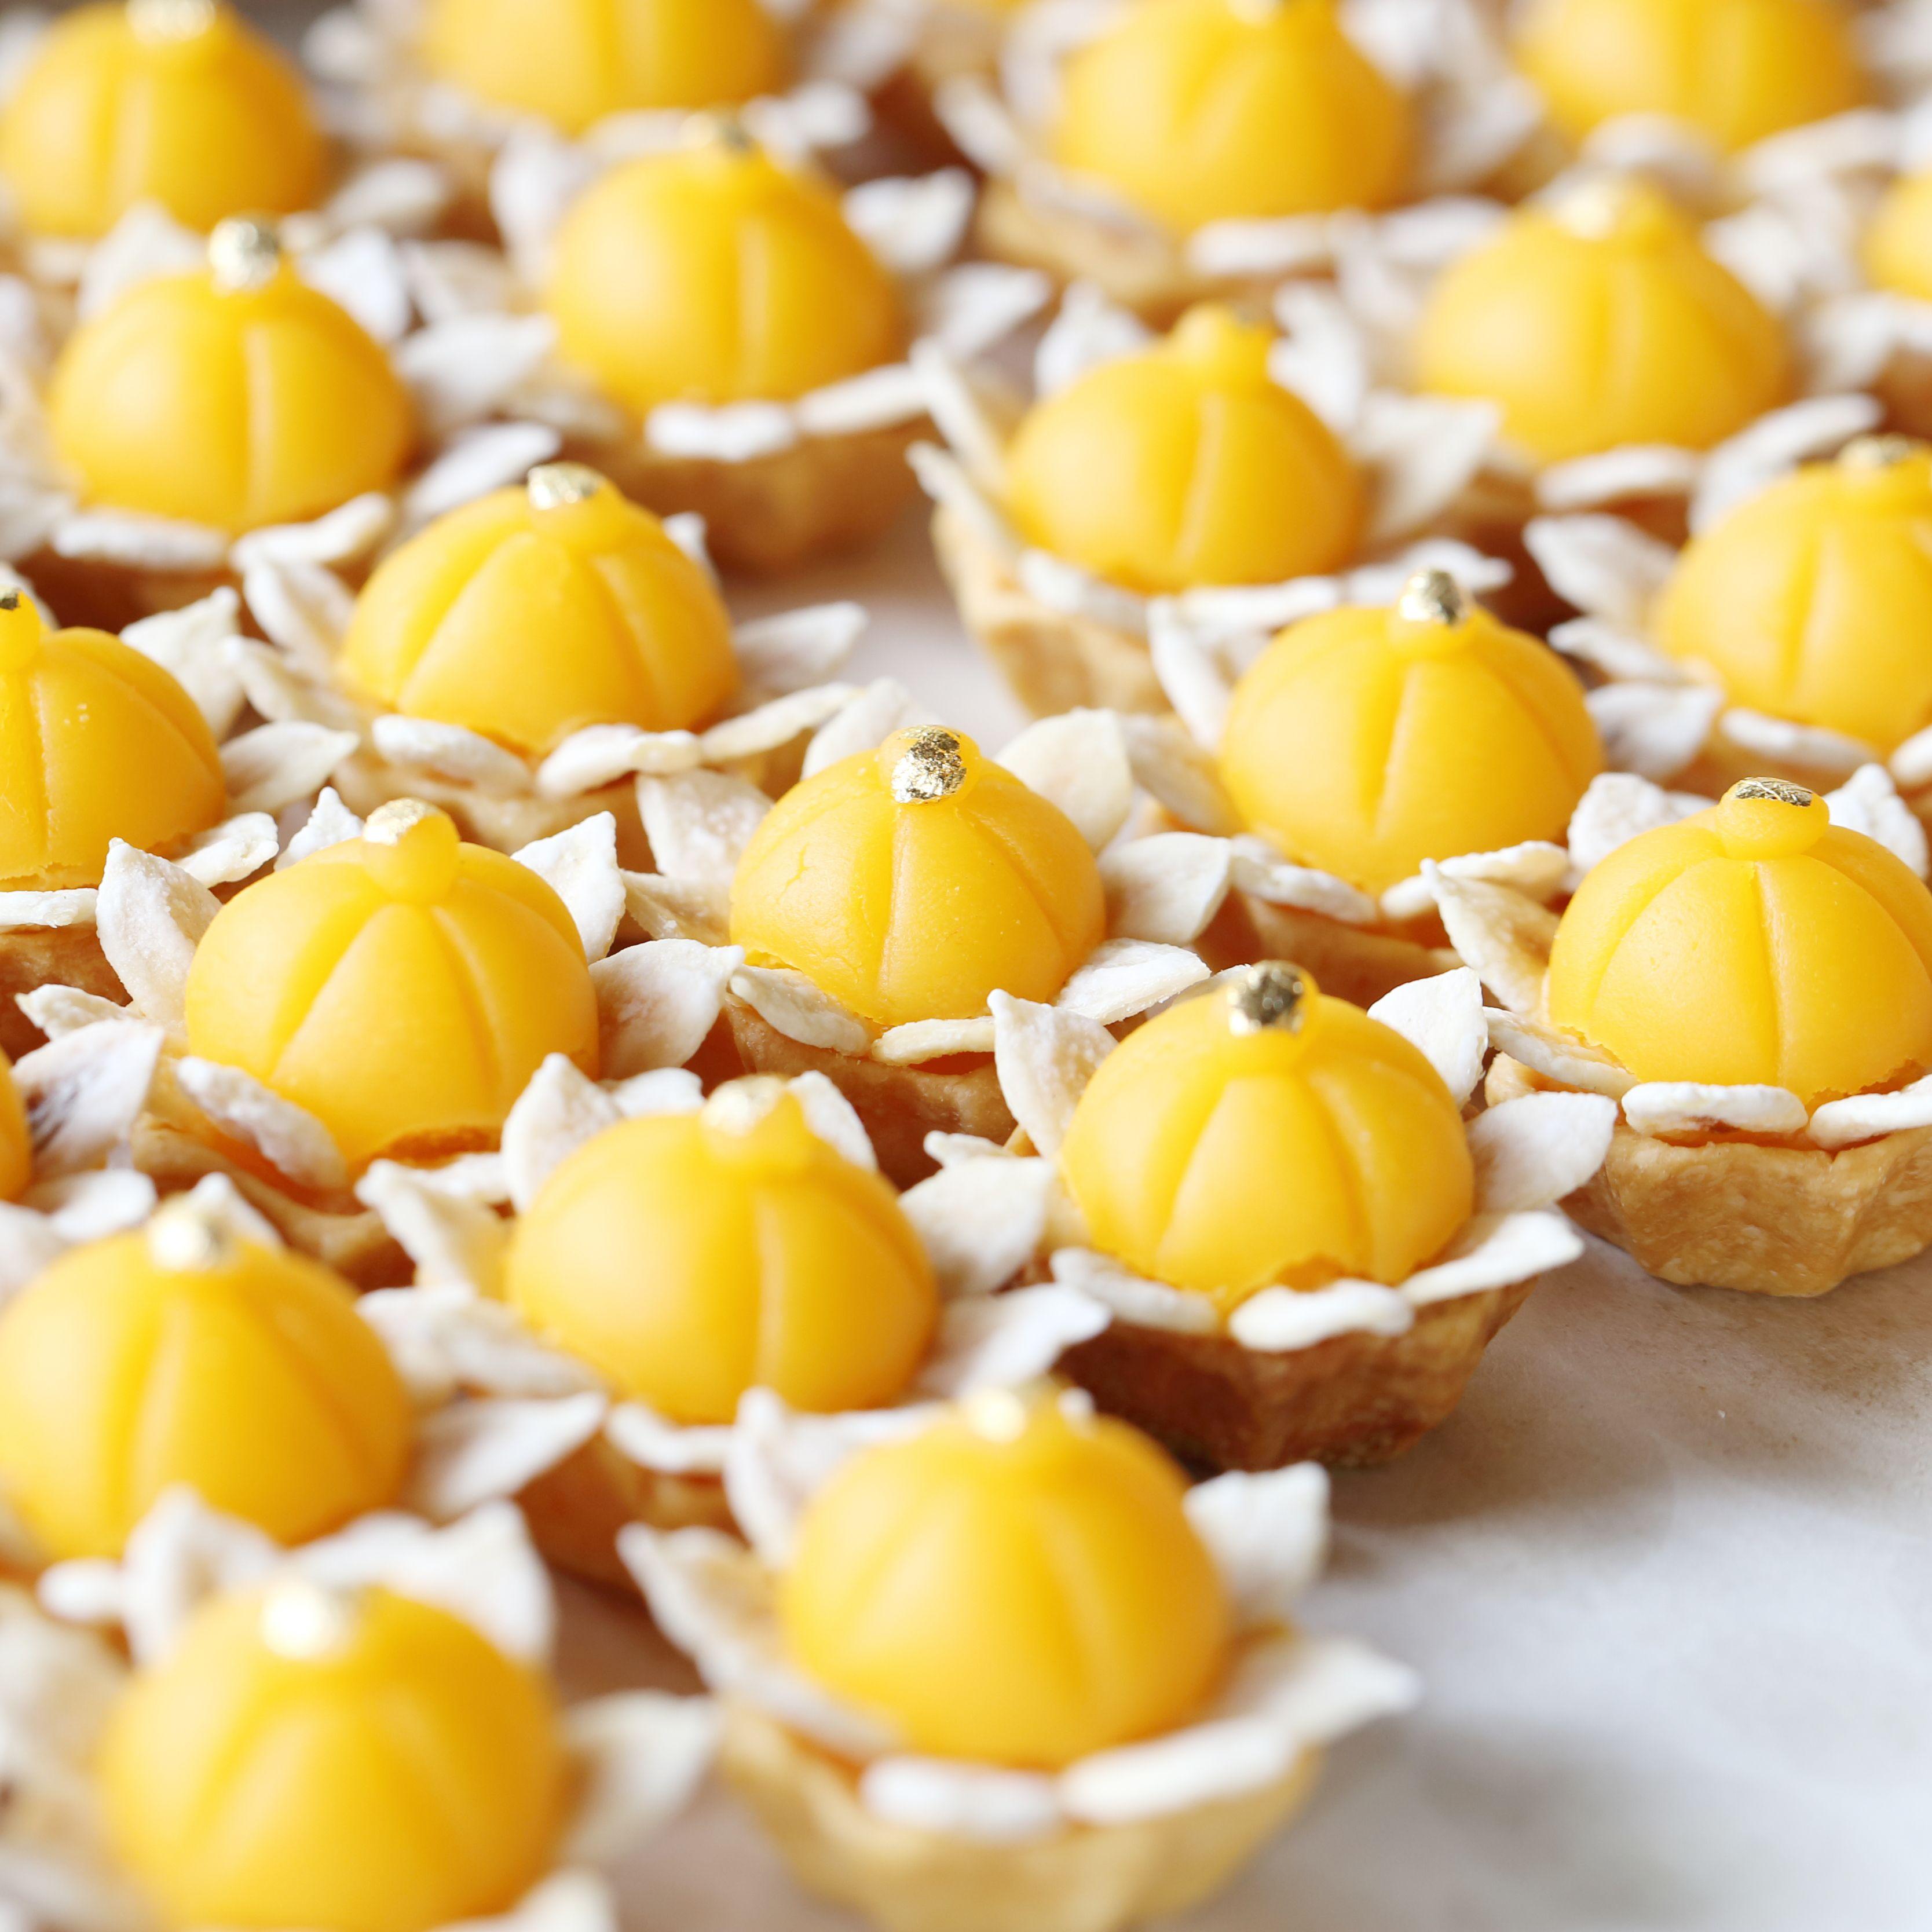 Thai sweet thai food thai food pinterest foods and recipes thai sweet thai food forumfinder Gallery